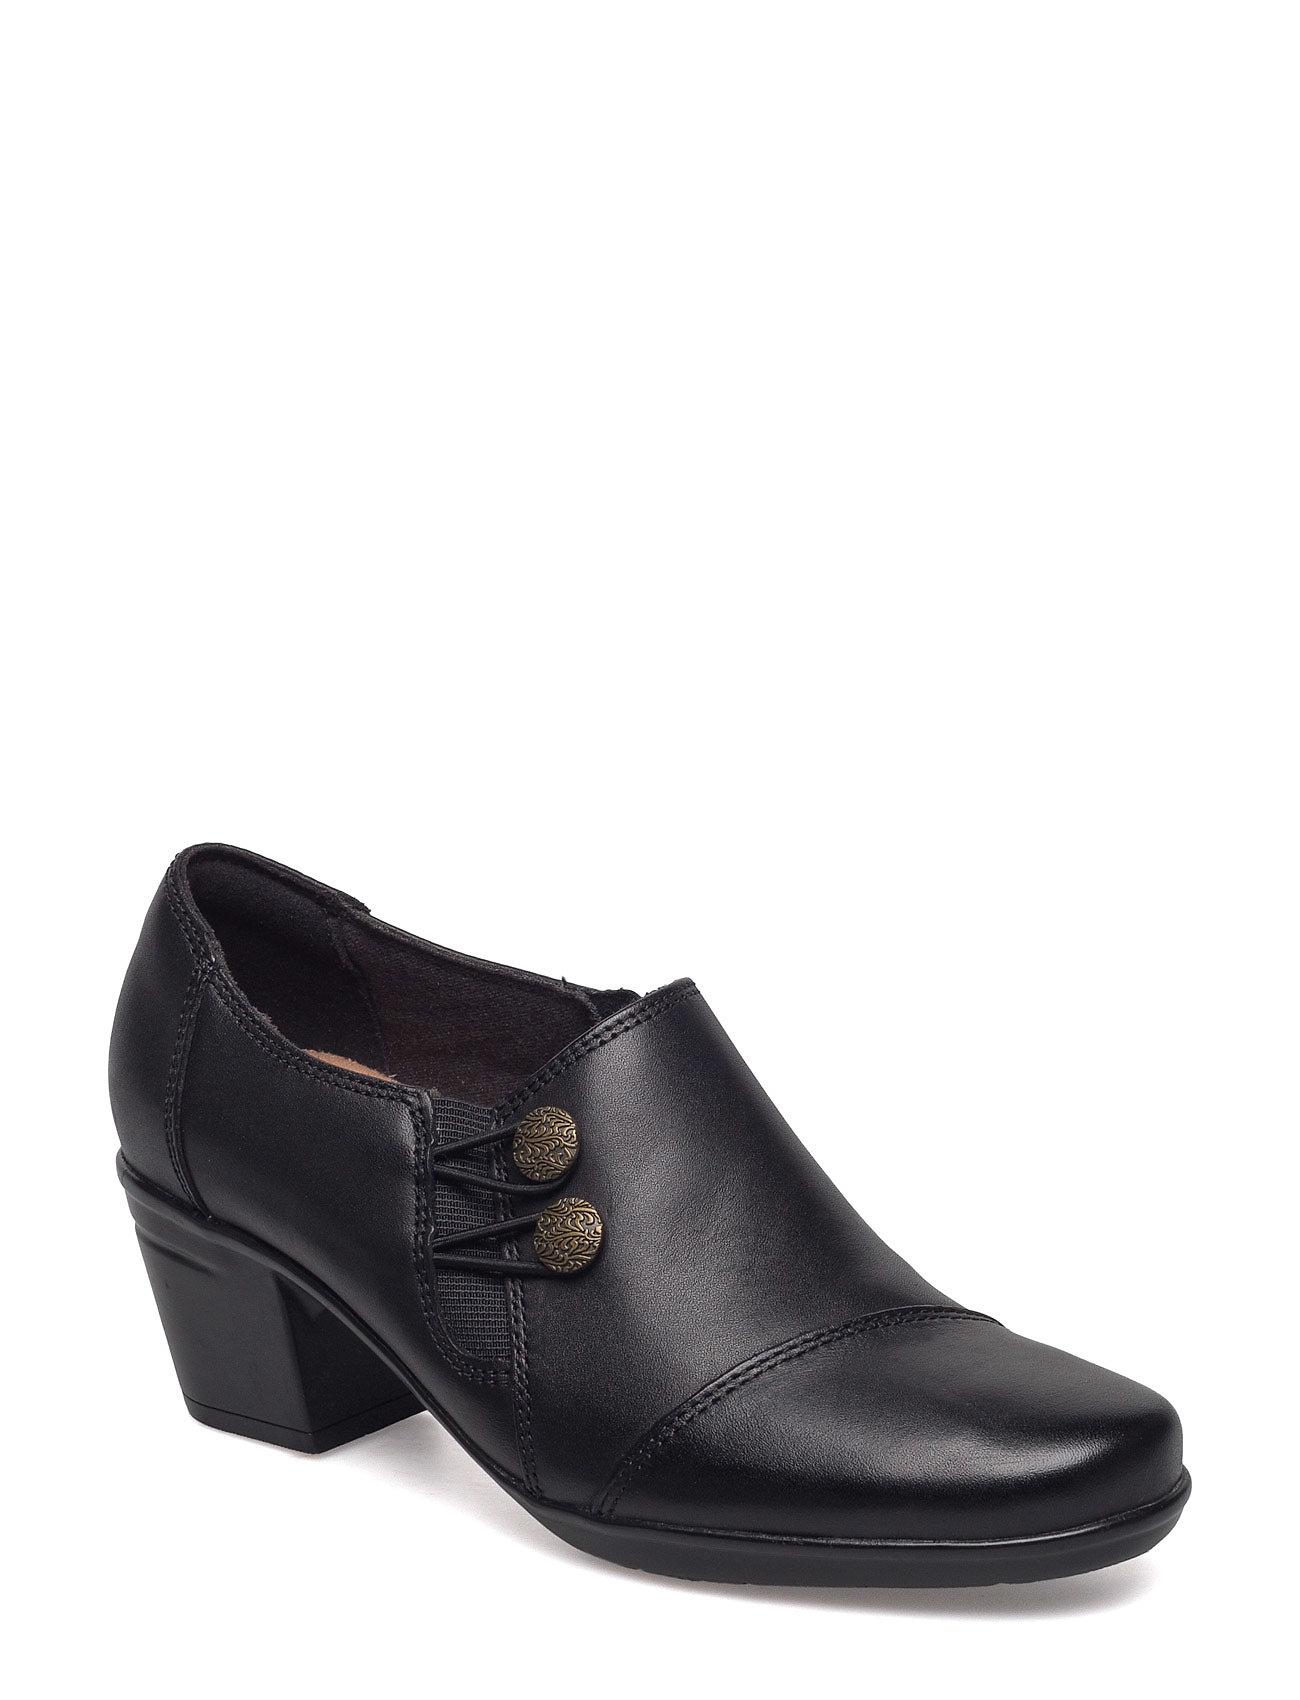 Emslie Warren Clarks Støvler til Damer i Sort